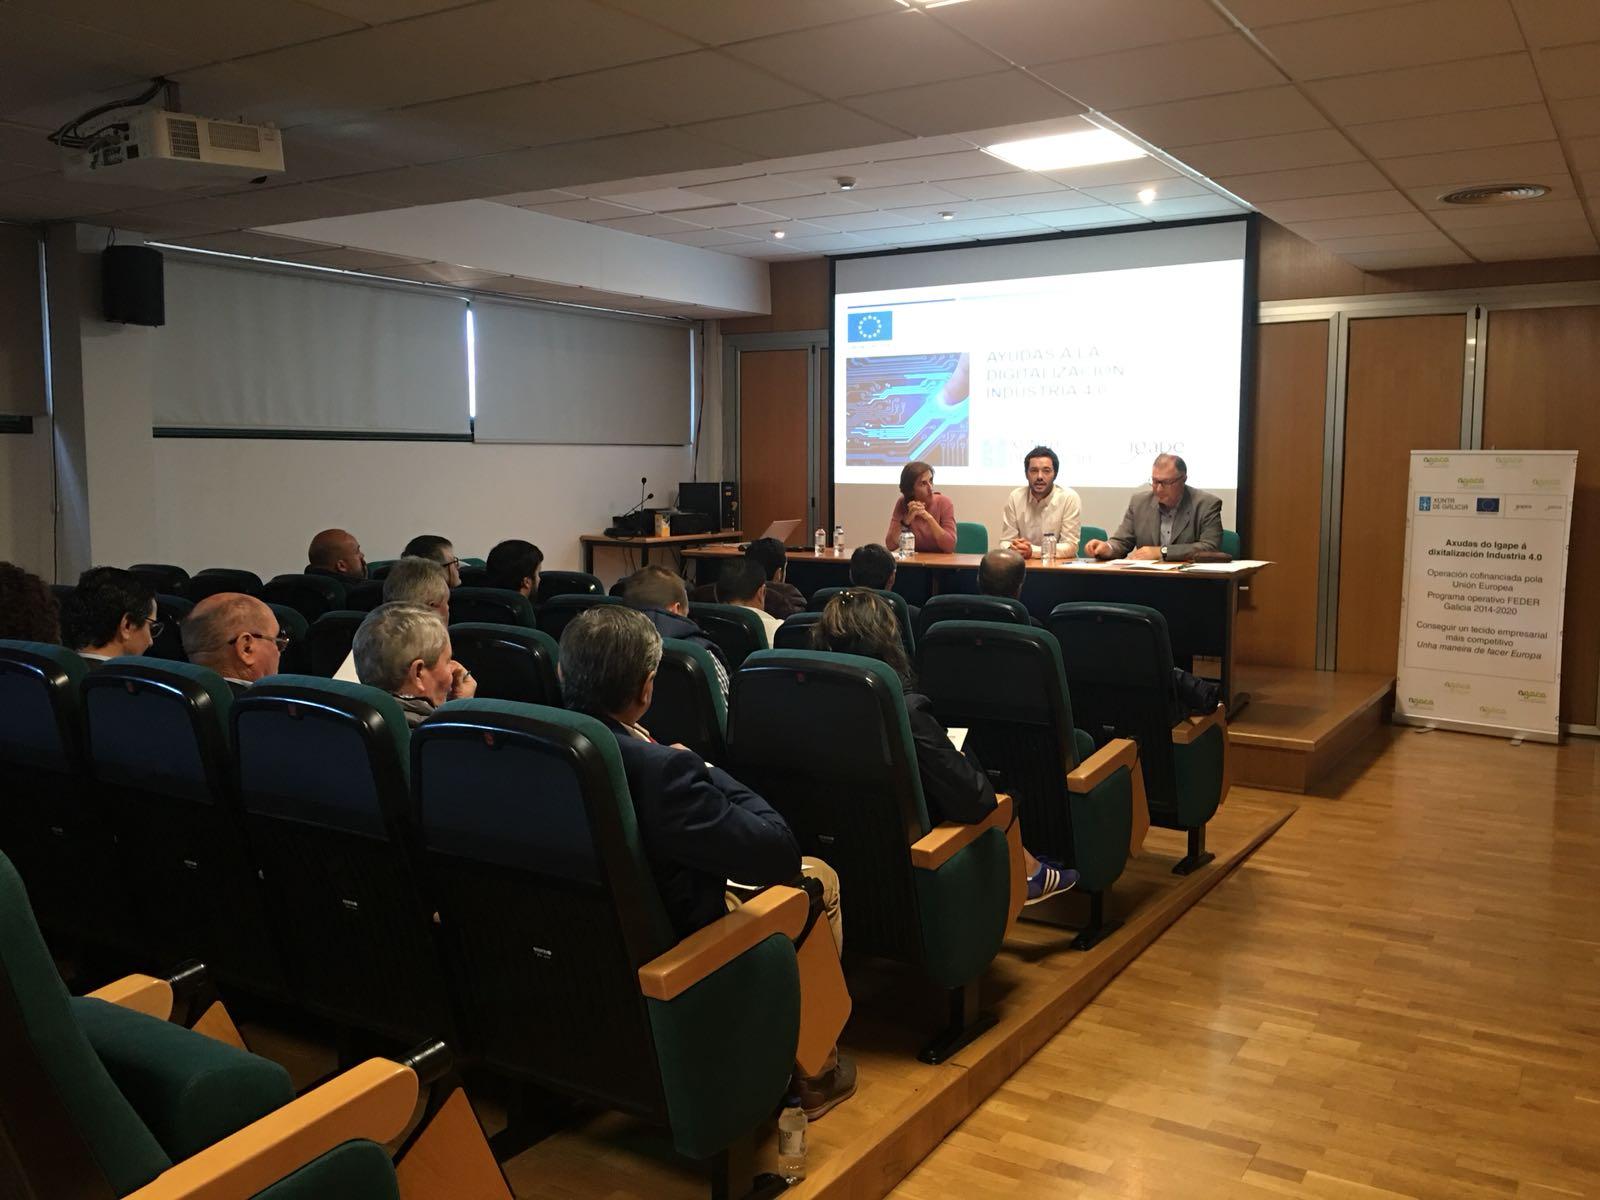 Viña Costeira acolle a primeira reunión conxunta entre varias adegas galegas no marco do proxecto